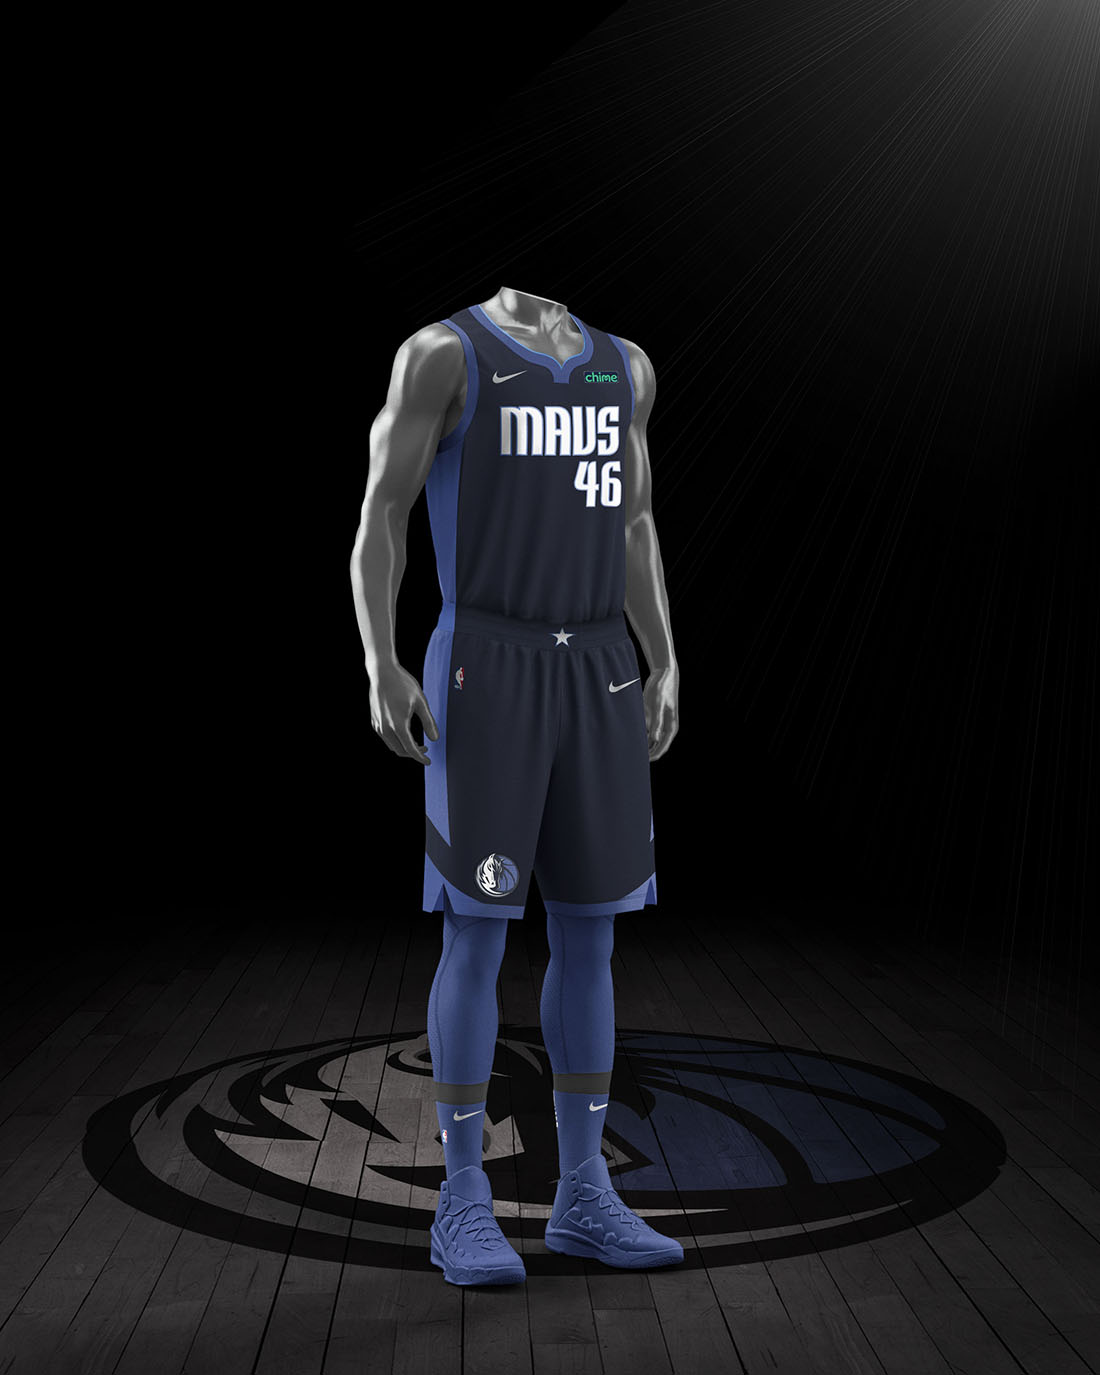 Nike x NBA Earned Edition 2020-21 - Dallas Mavericks